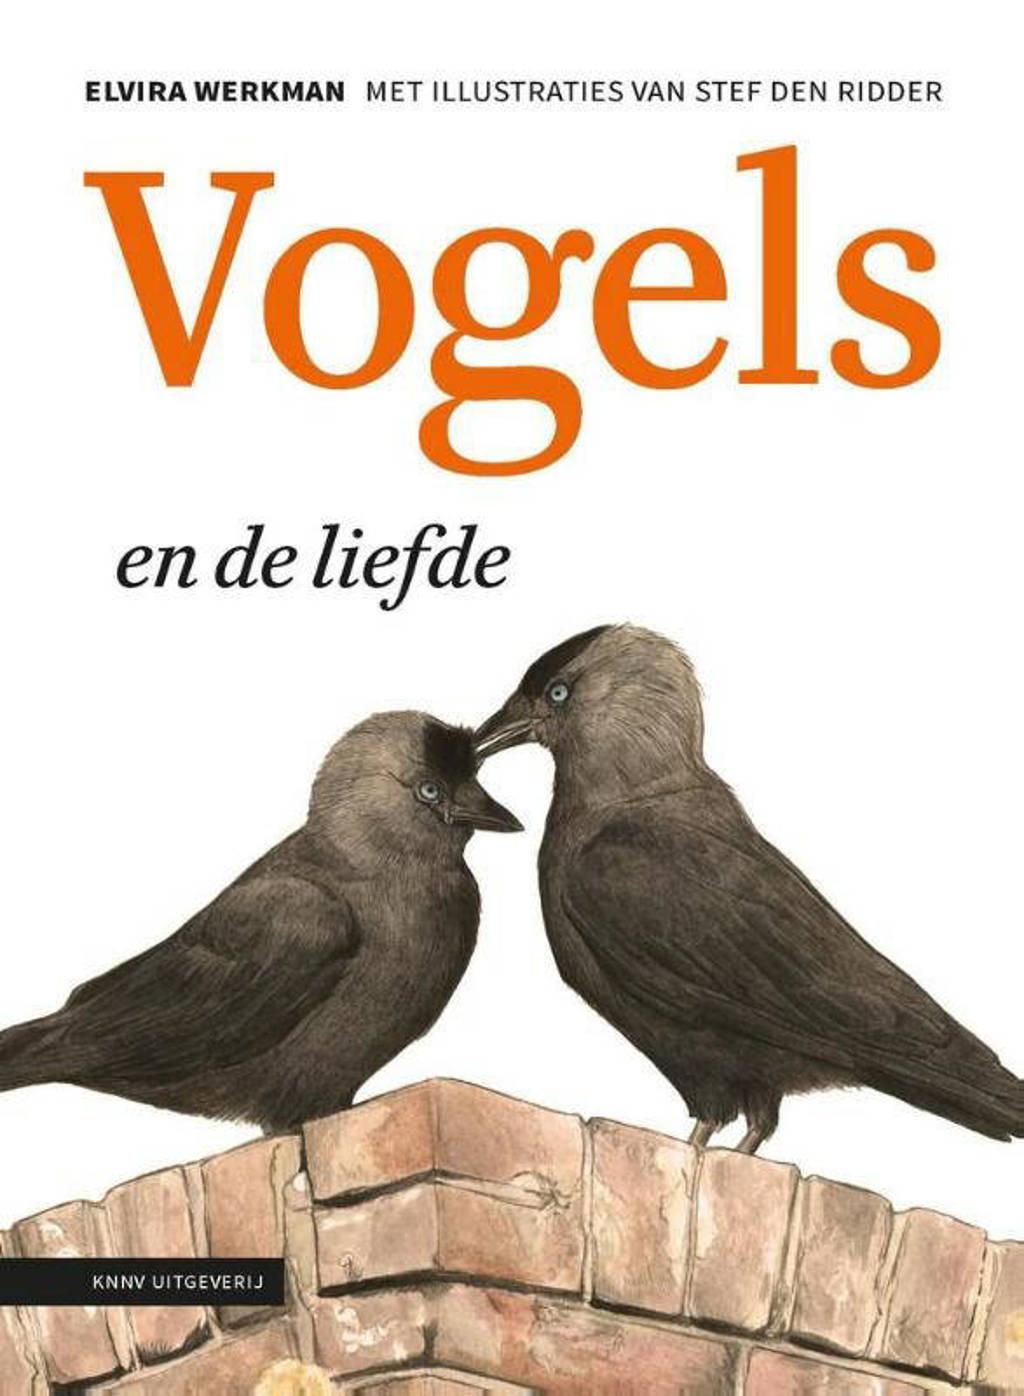 Vogels en de liefde - Elvira Werkman